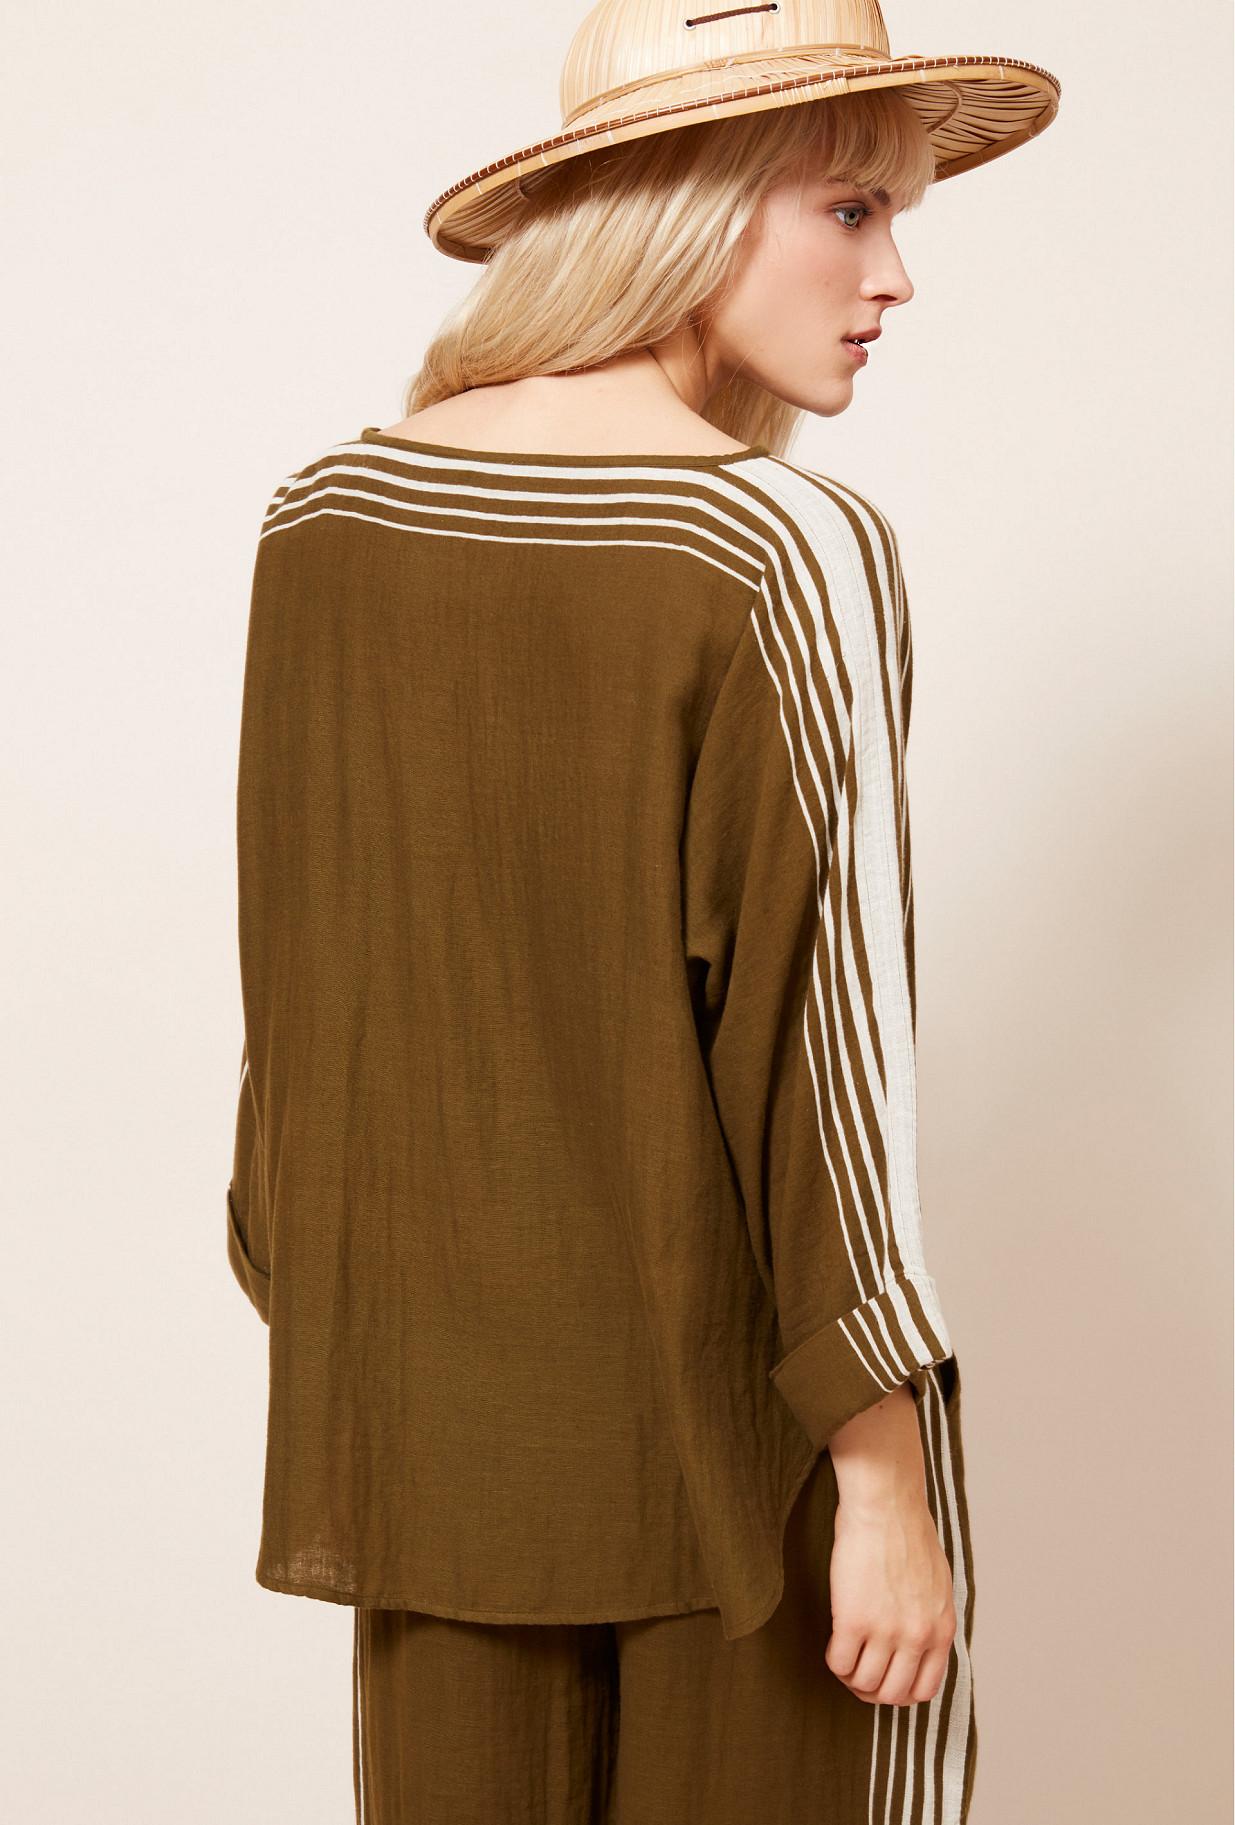 Khaki  Blouse  Avantstella Mes demoiselles fashion clothes designer Paris